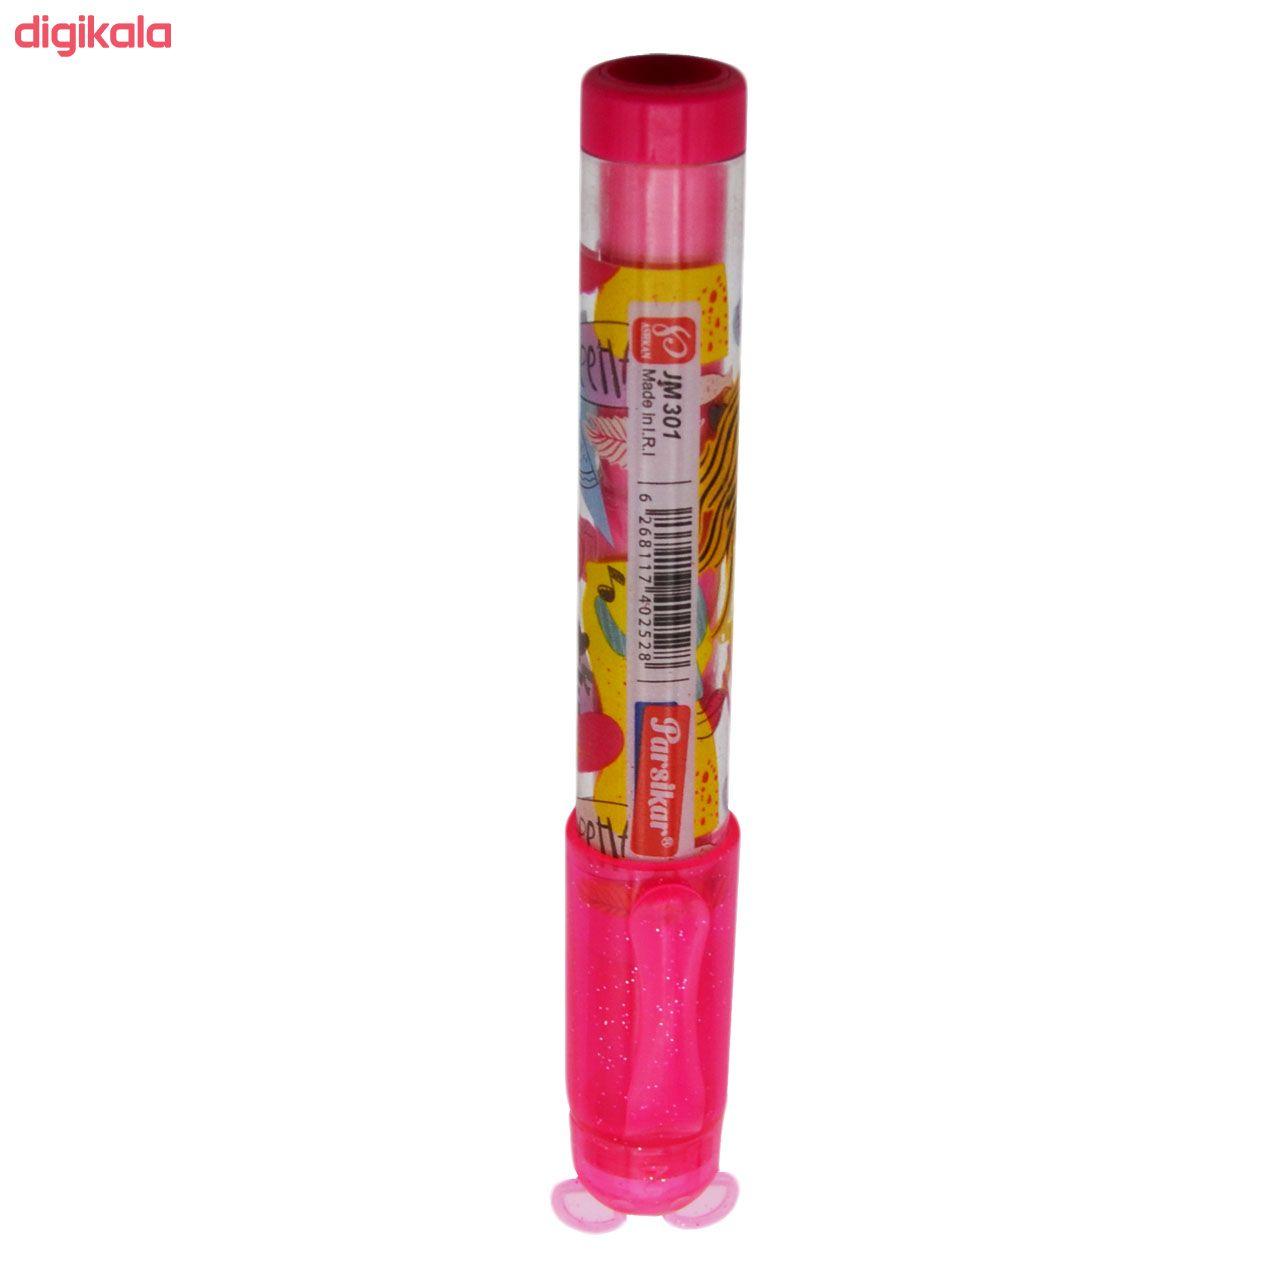 پاک کن مدادی پارسیکار کد 55009 main 1 1